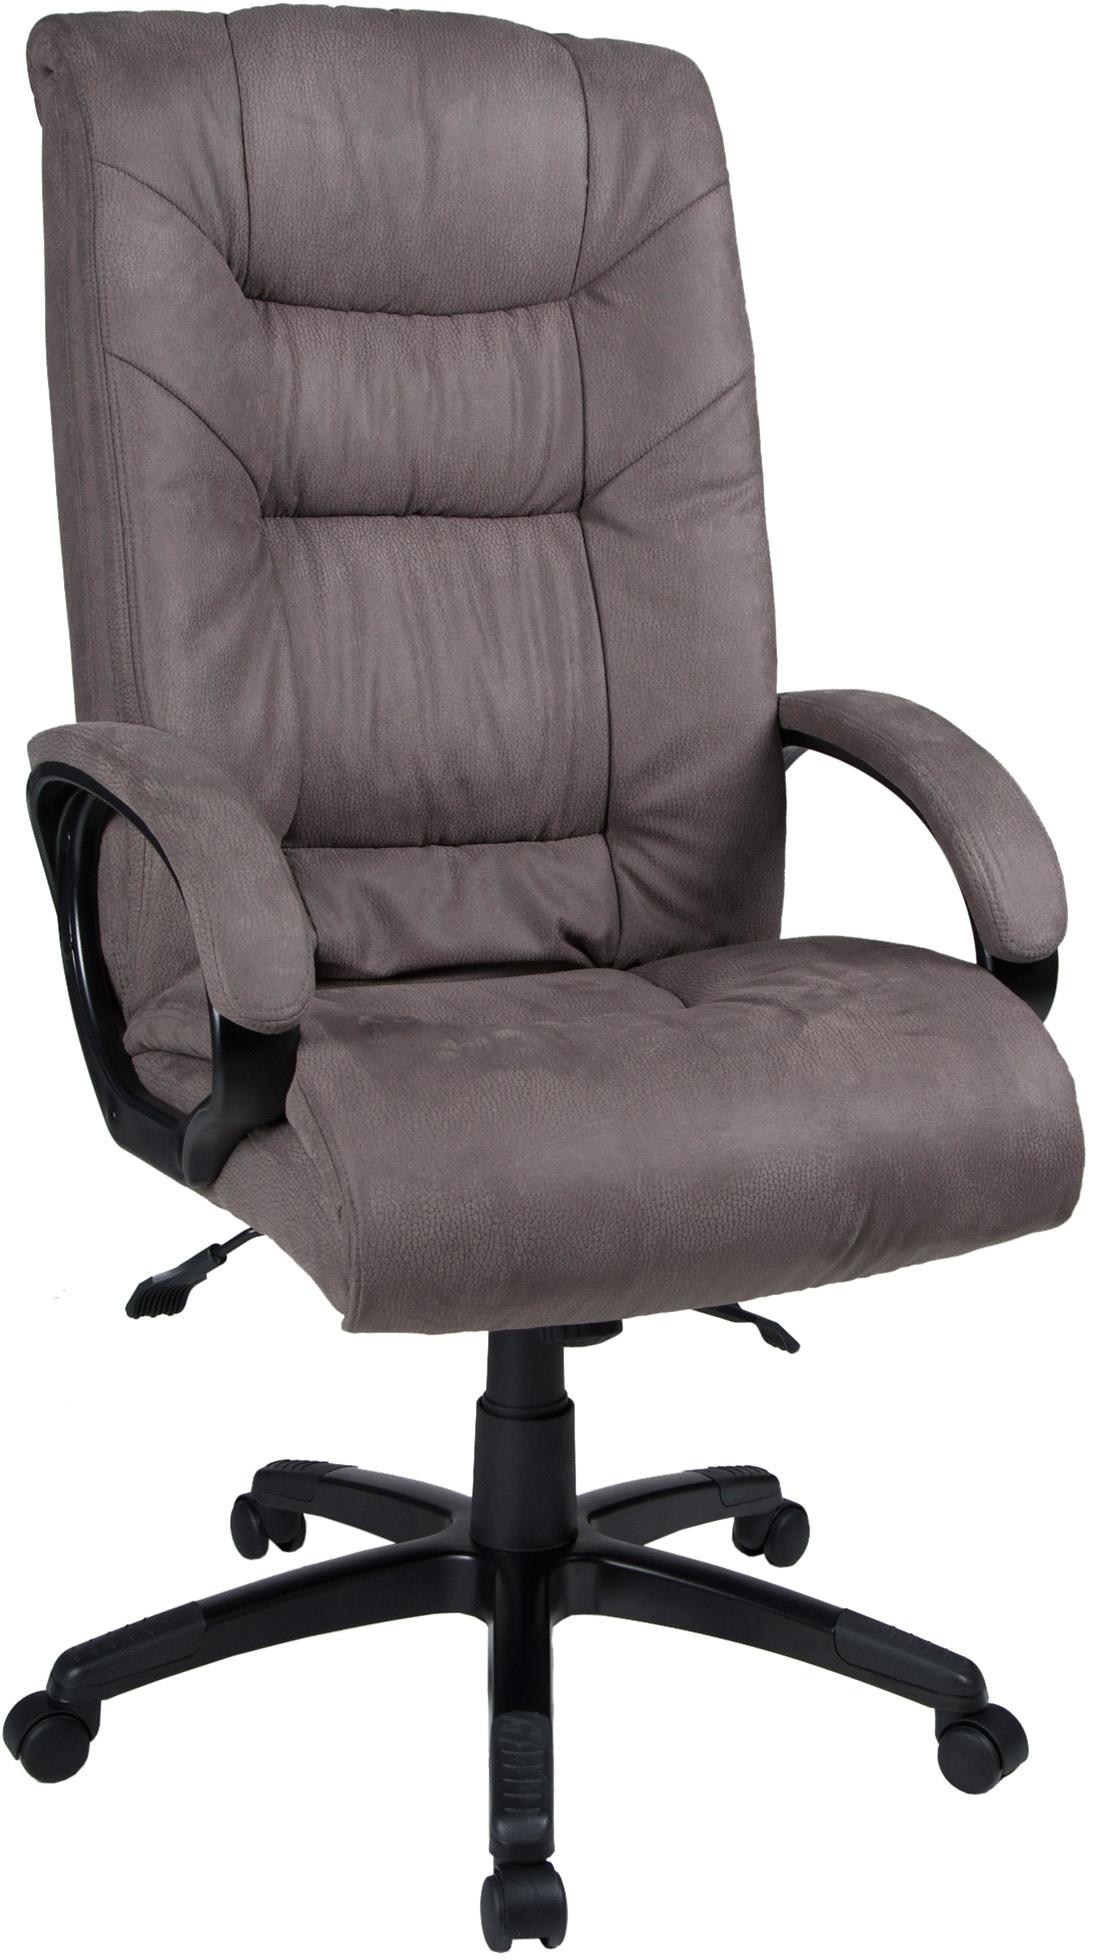 Duo collection bureaustoel leer xxl nu online kopen otto for Bureau stoel